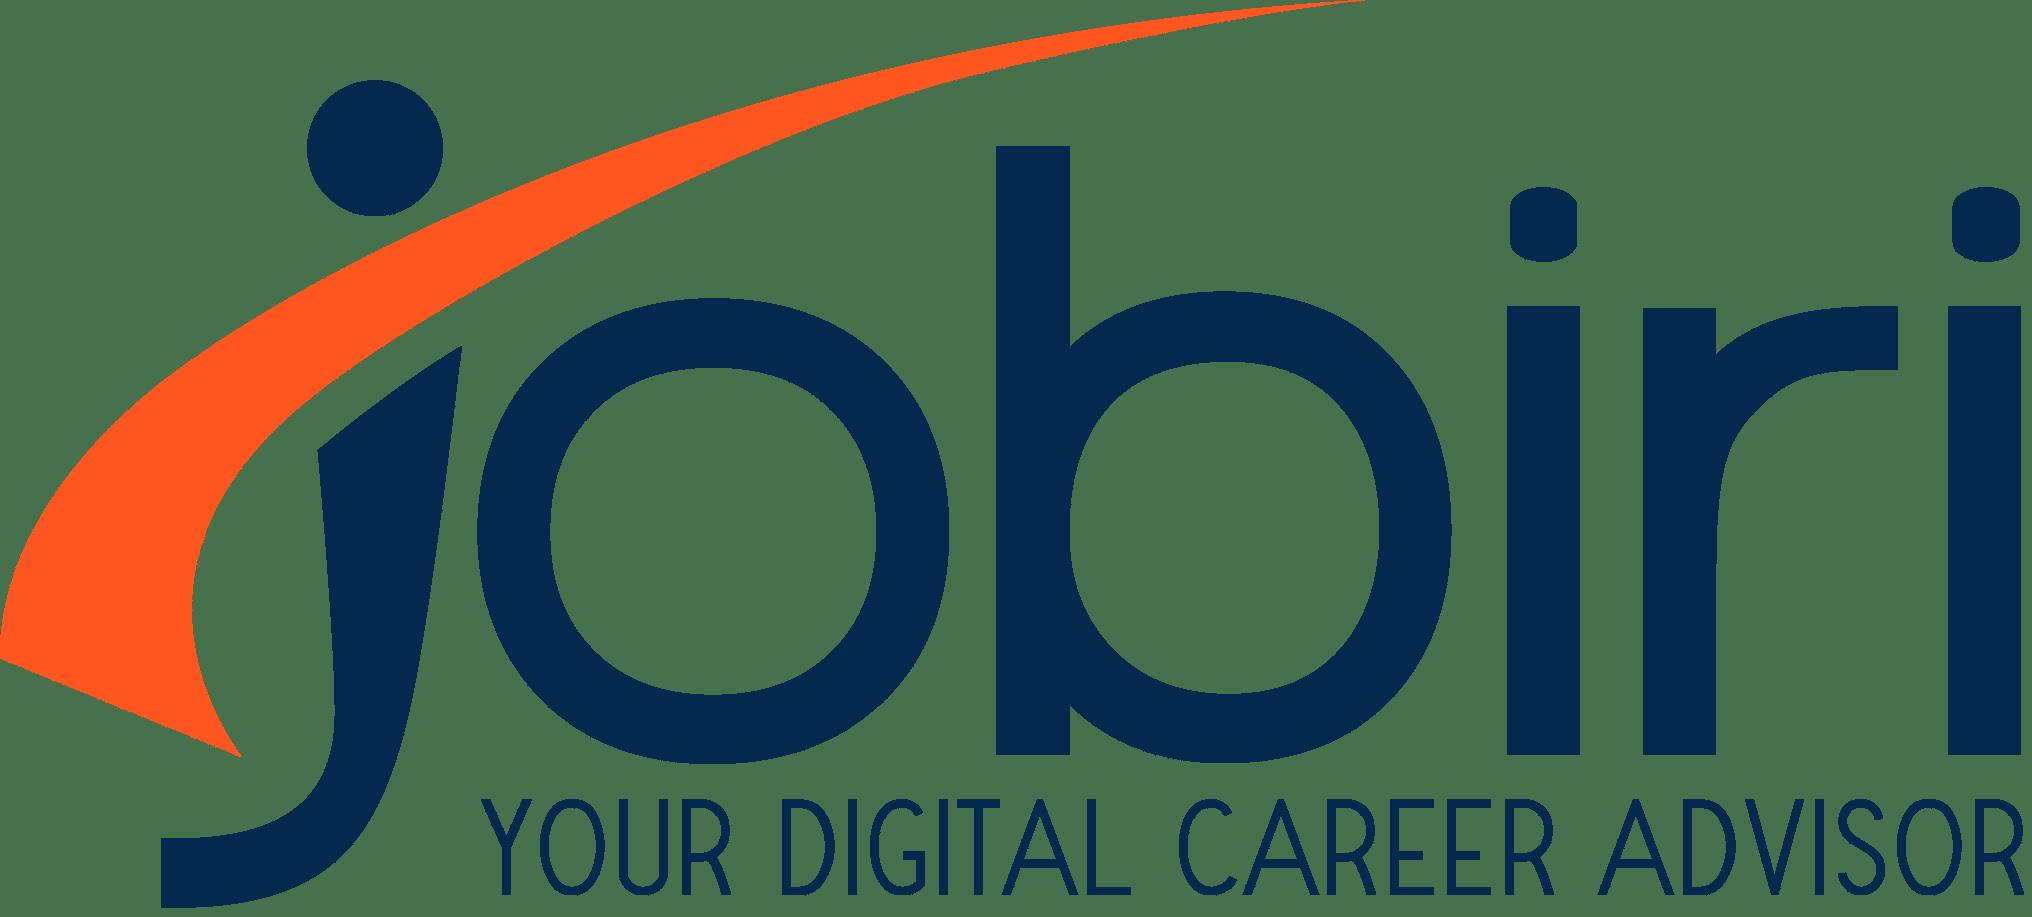 jobiri, consulente di carriera digitale intelligente